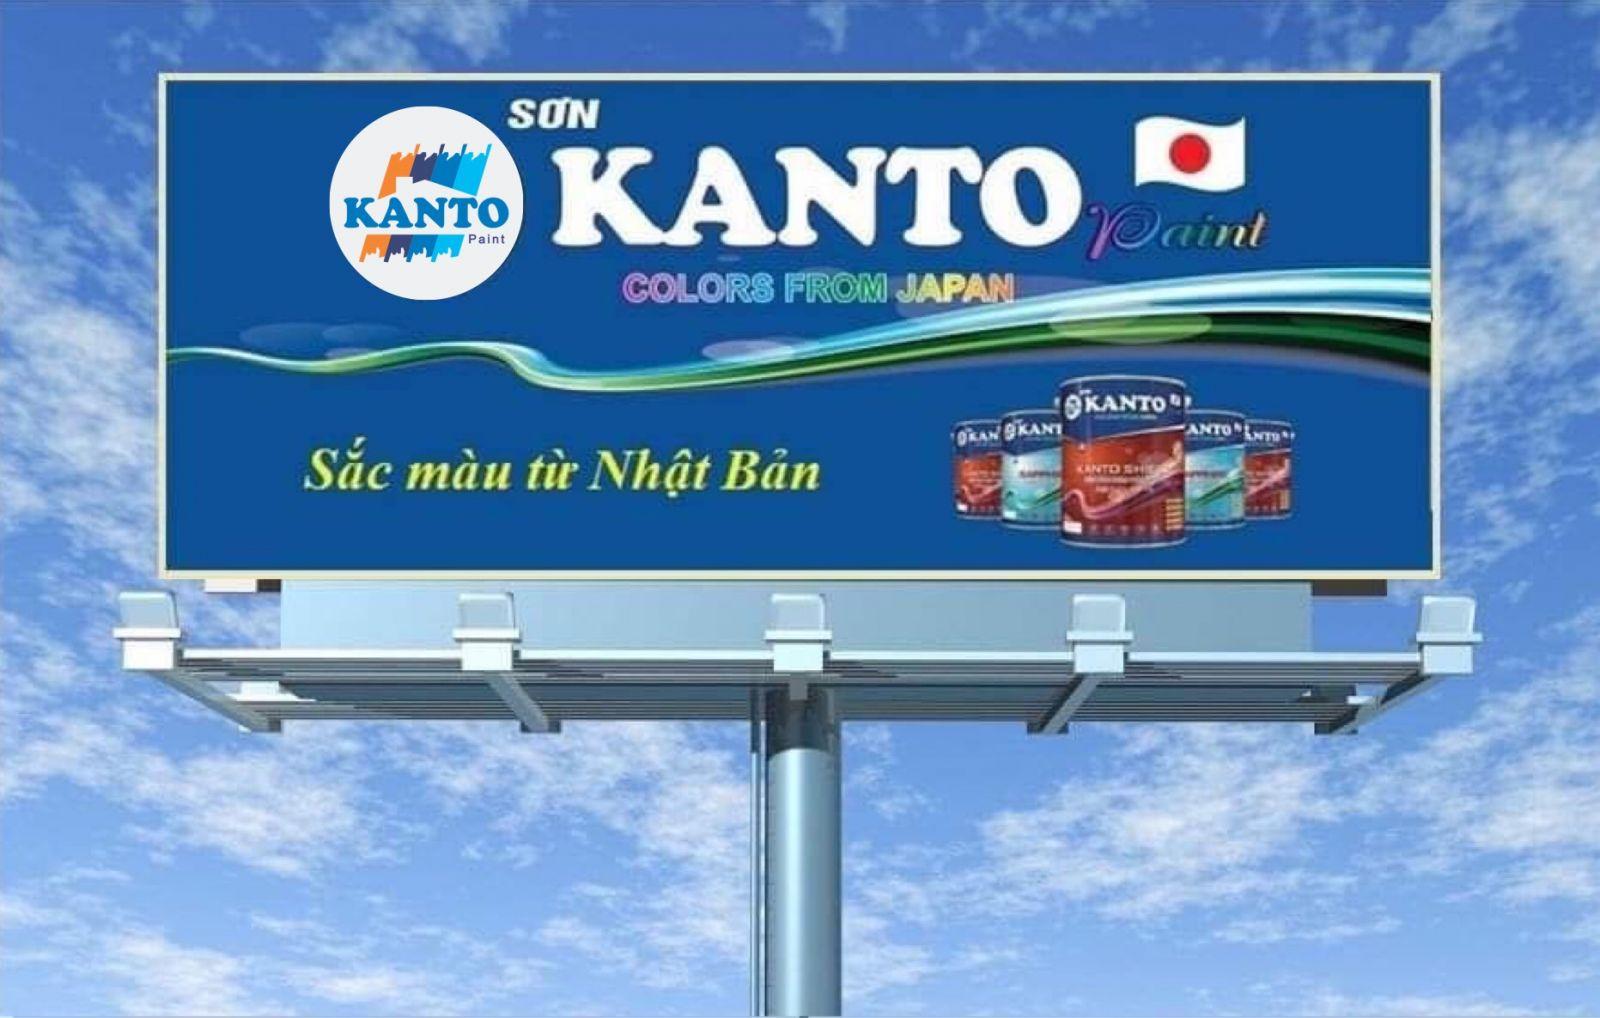 CÔNG TY TNHH SƠN KANTO VIỆT NAM